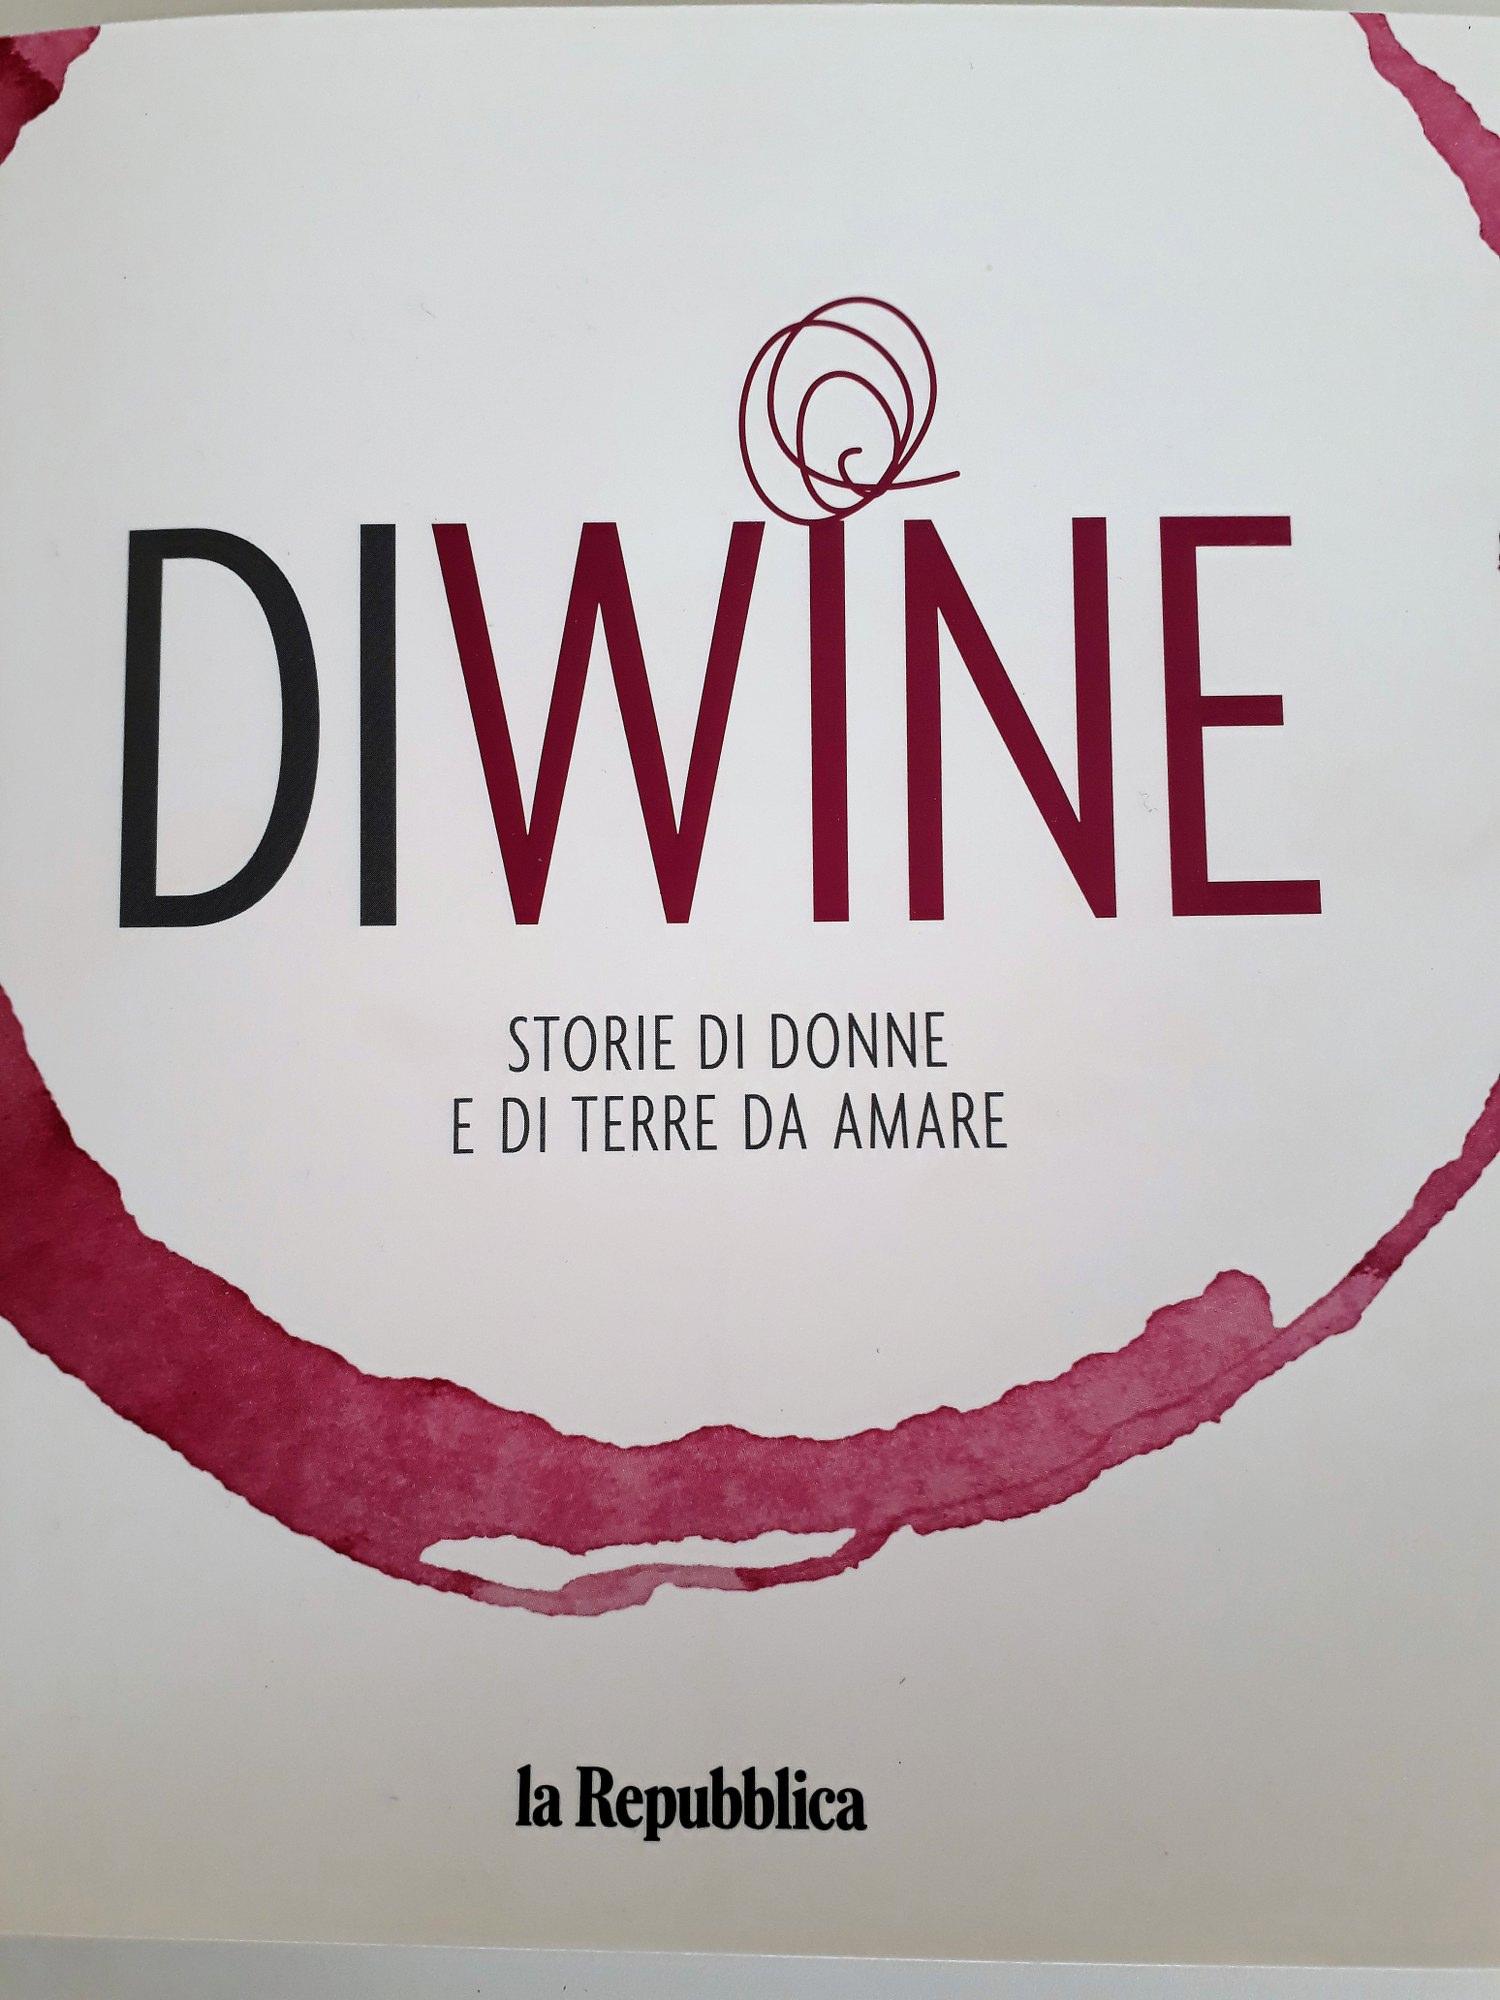 Vinitaly 2018 presentazione  DIWINE, la nuova guida al vino di Repubblica con le Donne del Vino